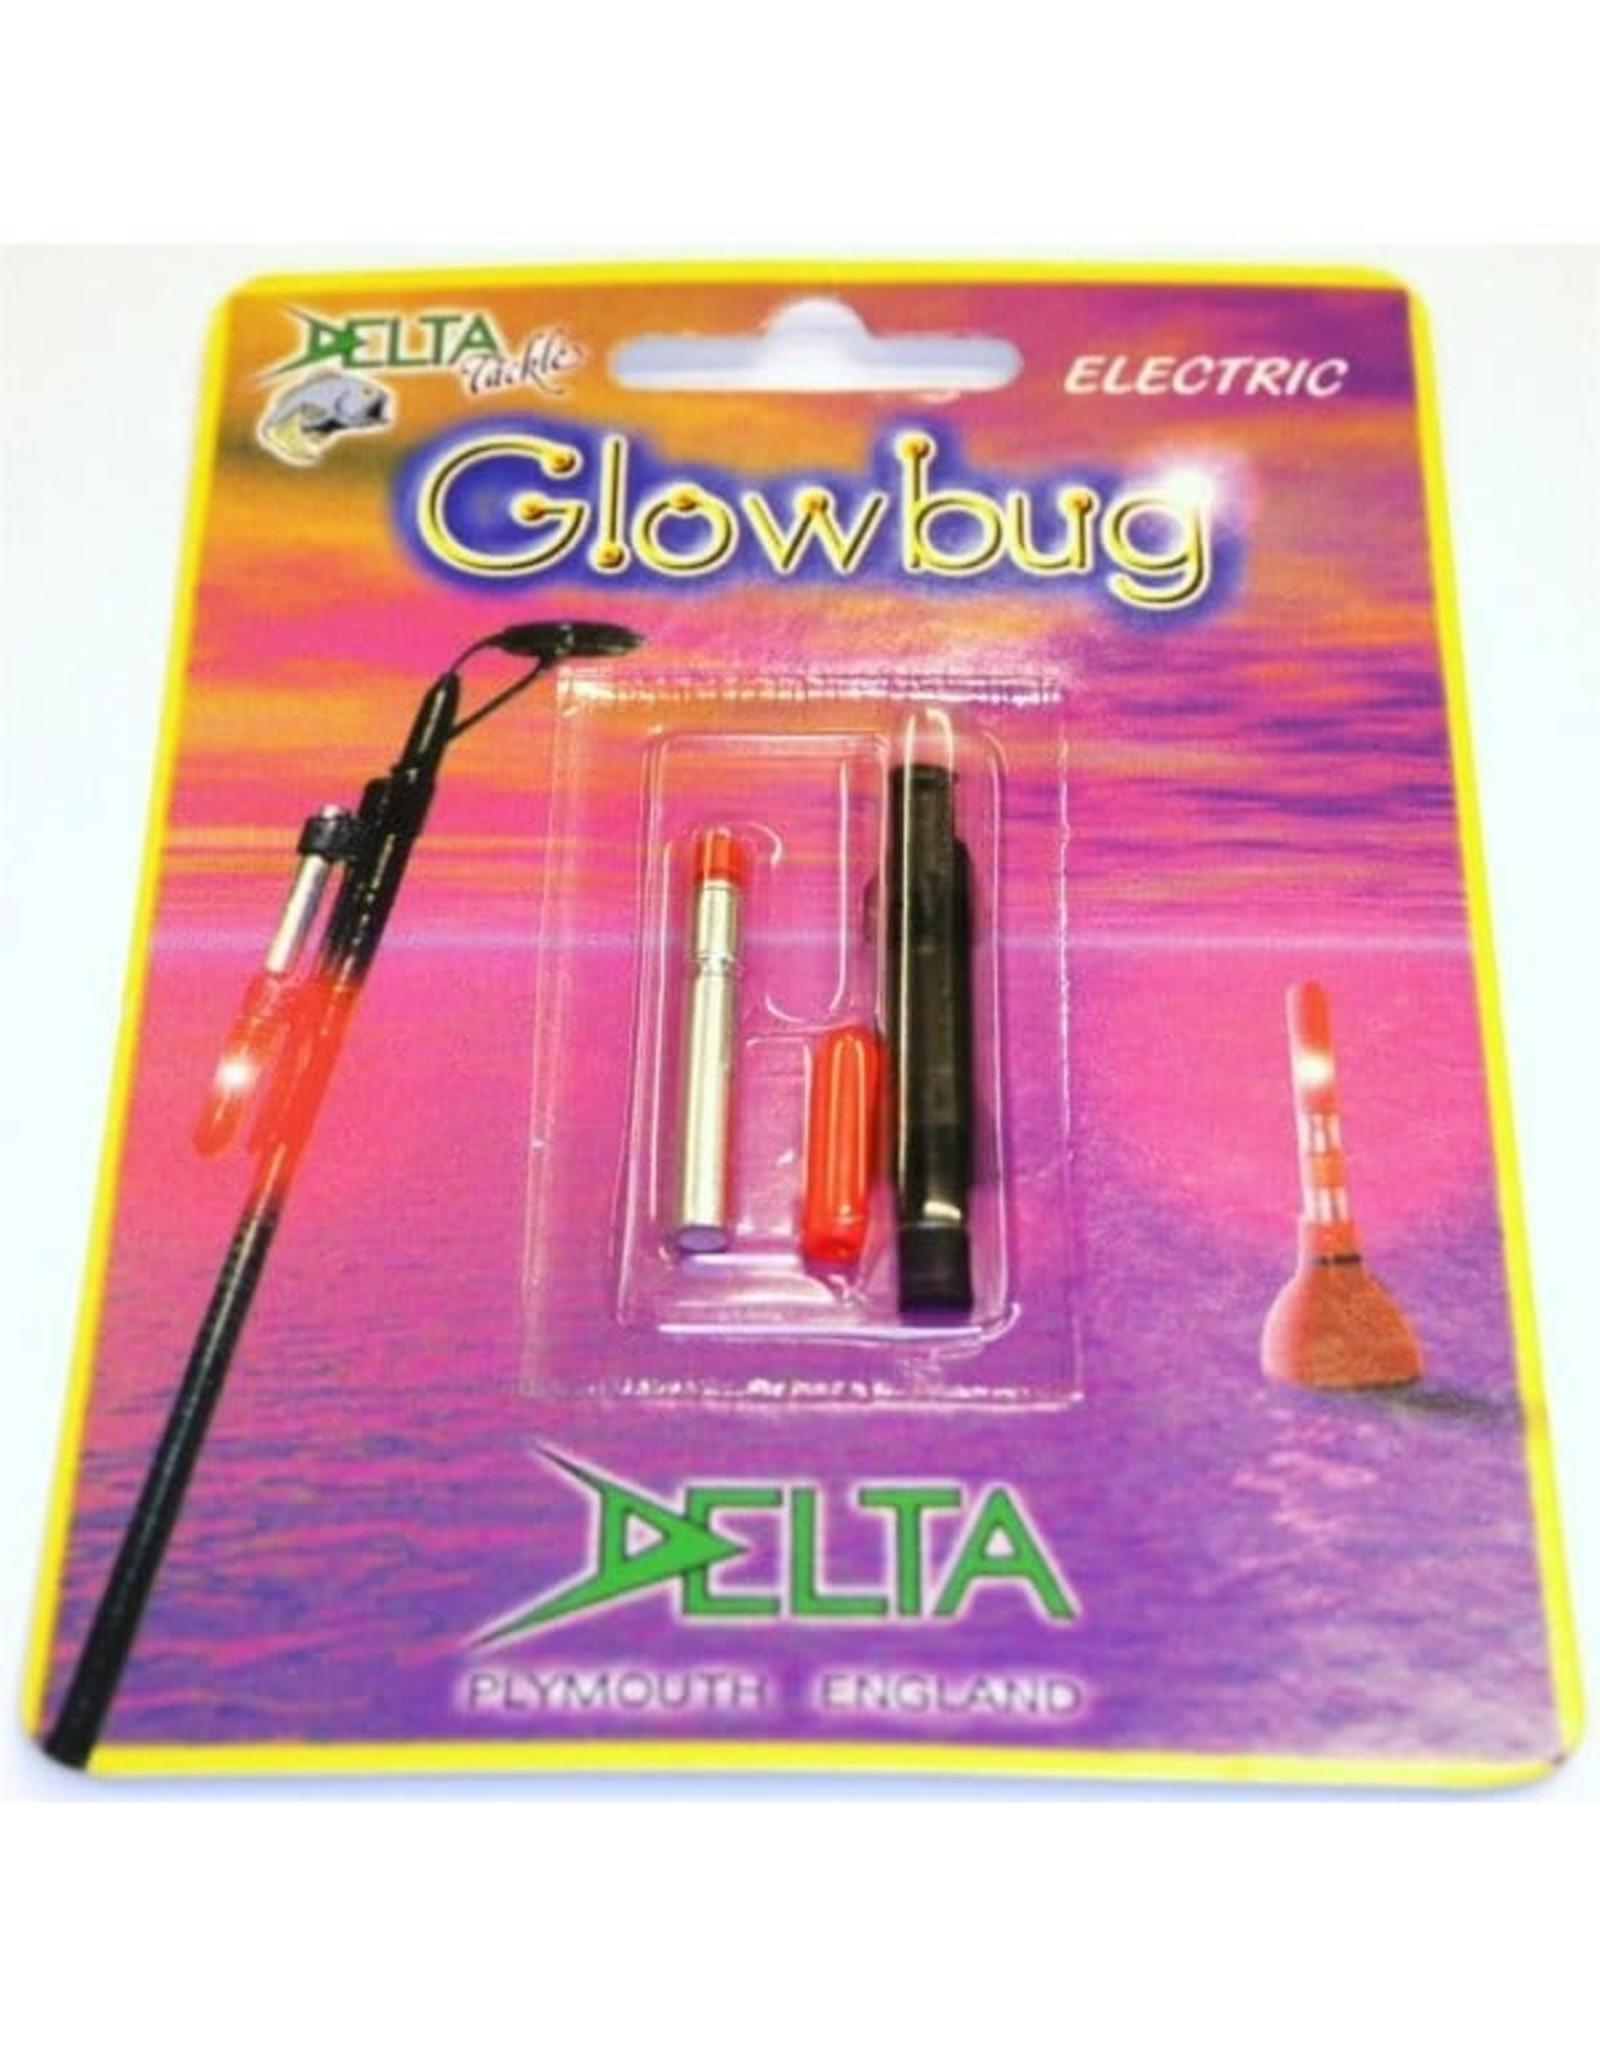 Delta Delta Glowbug Red